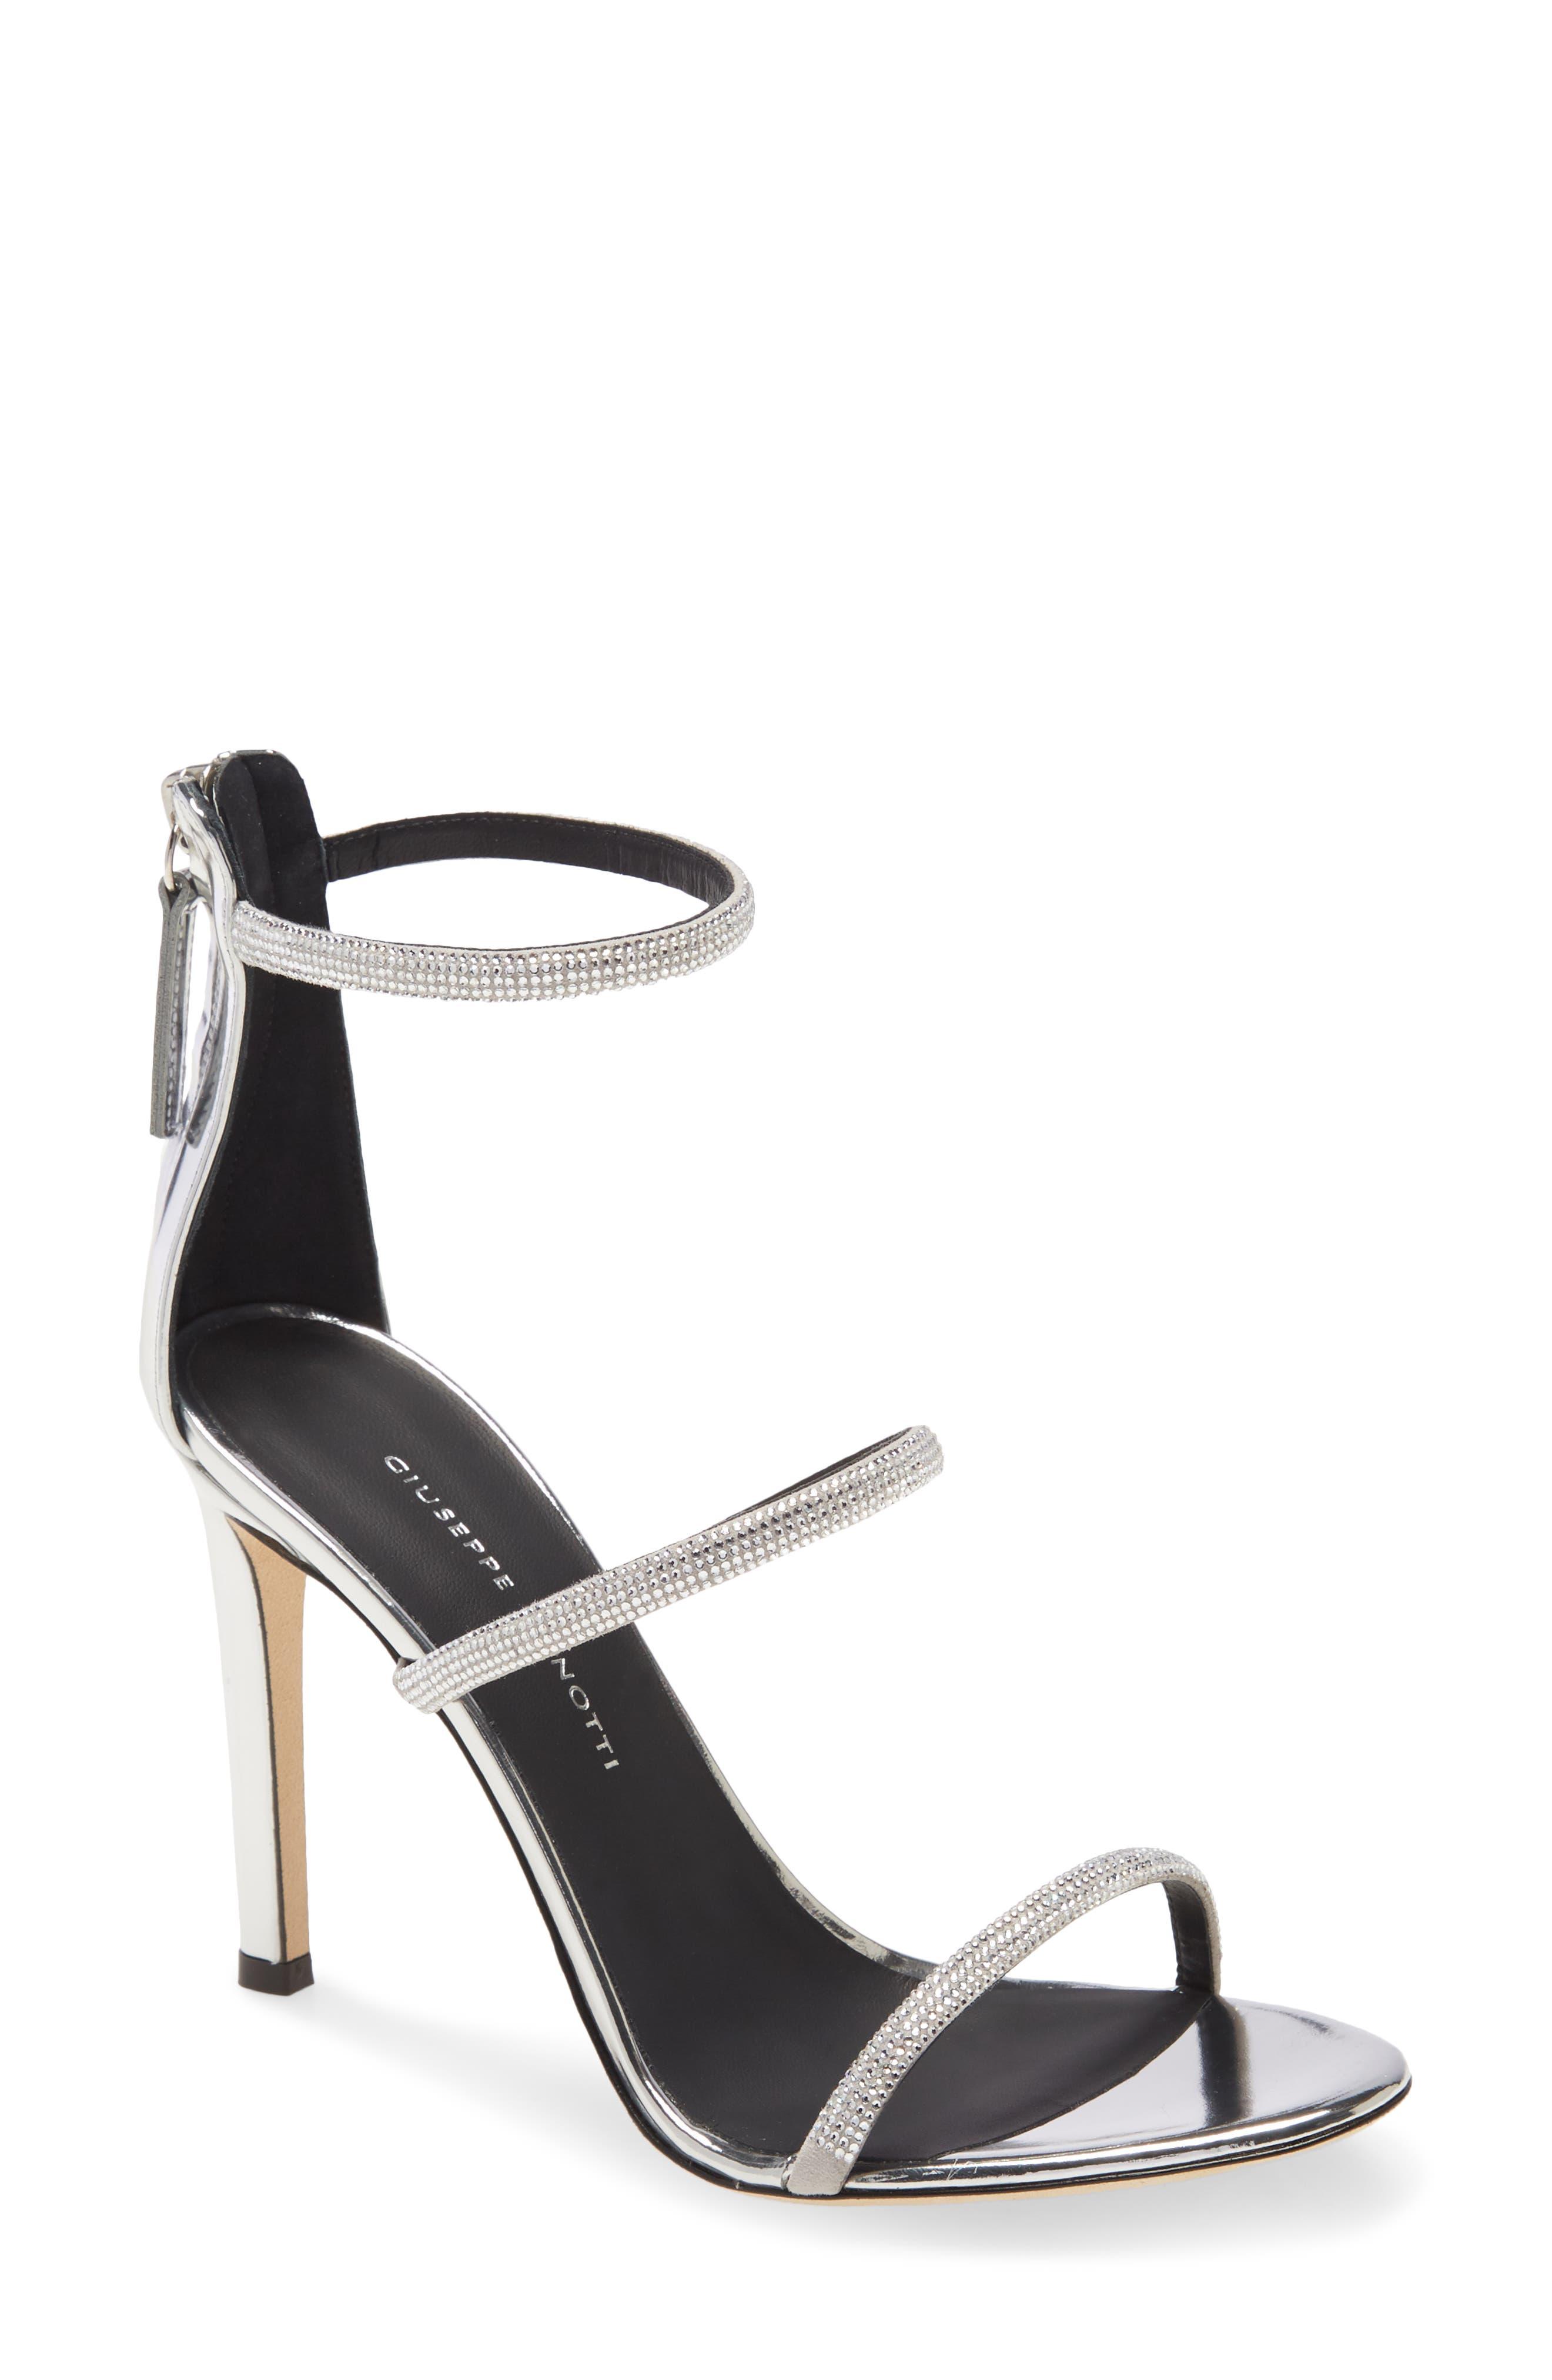 Women's Giuseppe Zanotti Shoes | Nordstrom